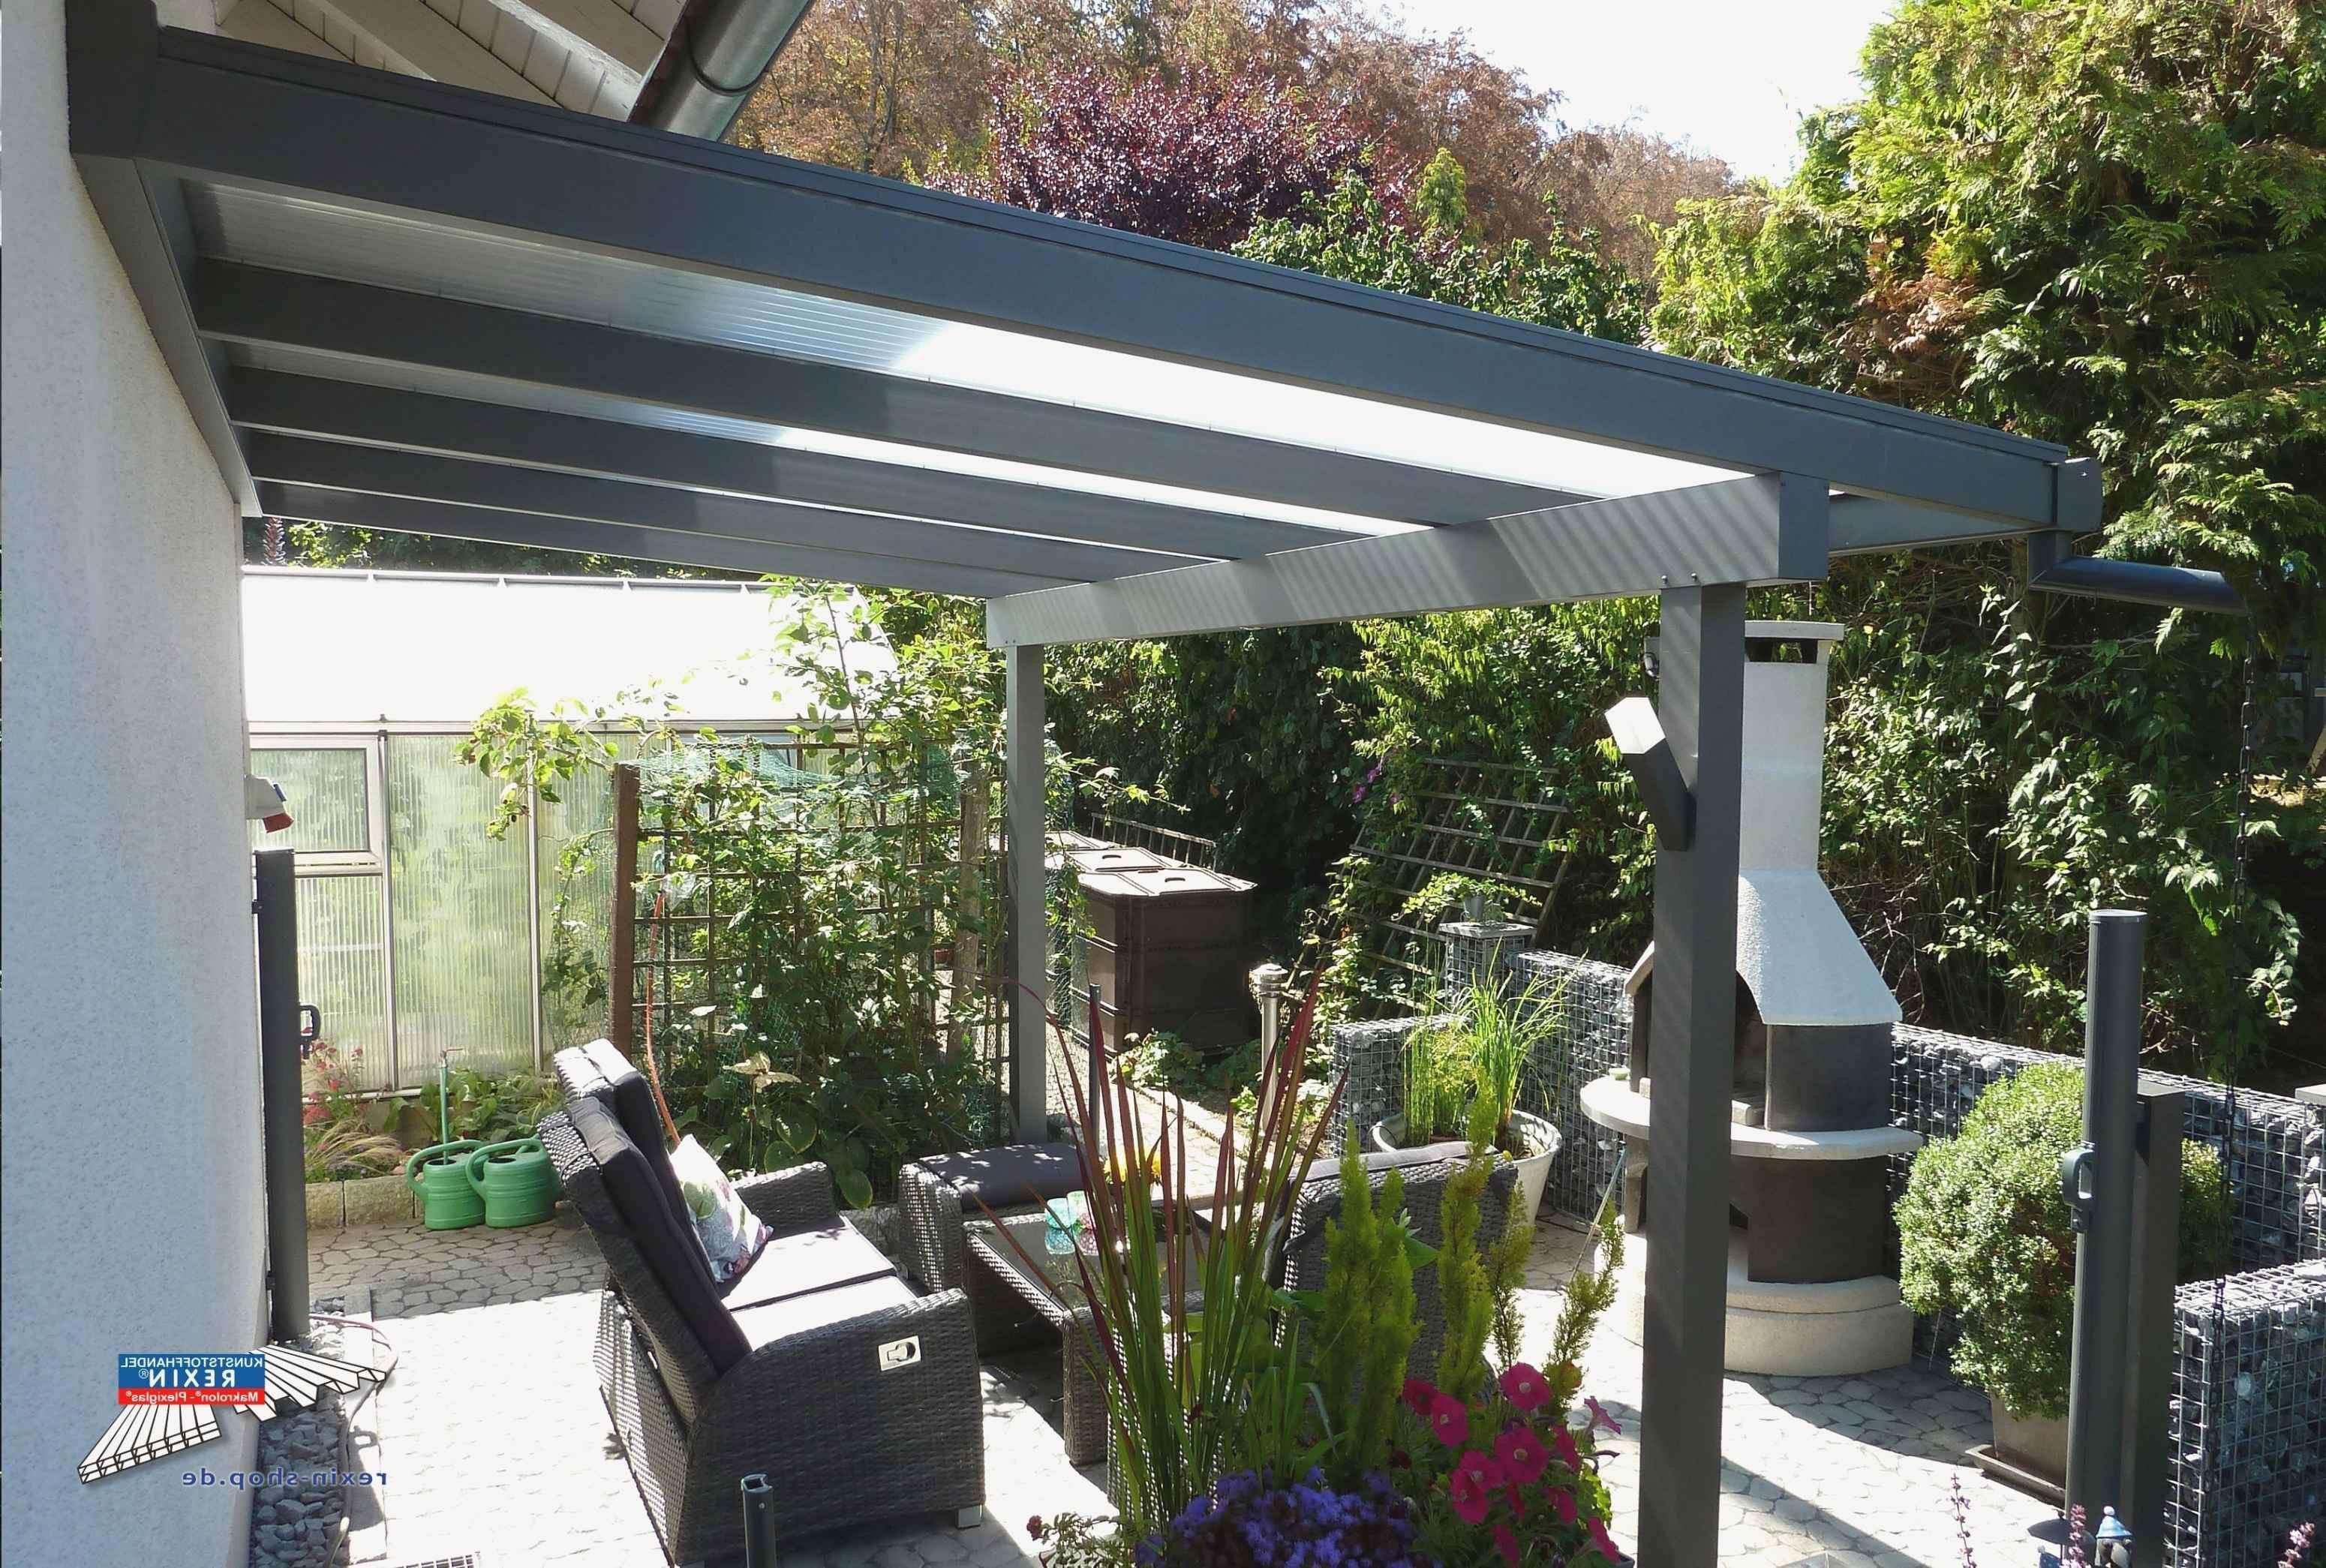 Konzept 43 Fur Sichtschutz Balkon Seitlich